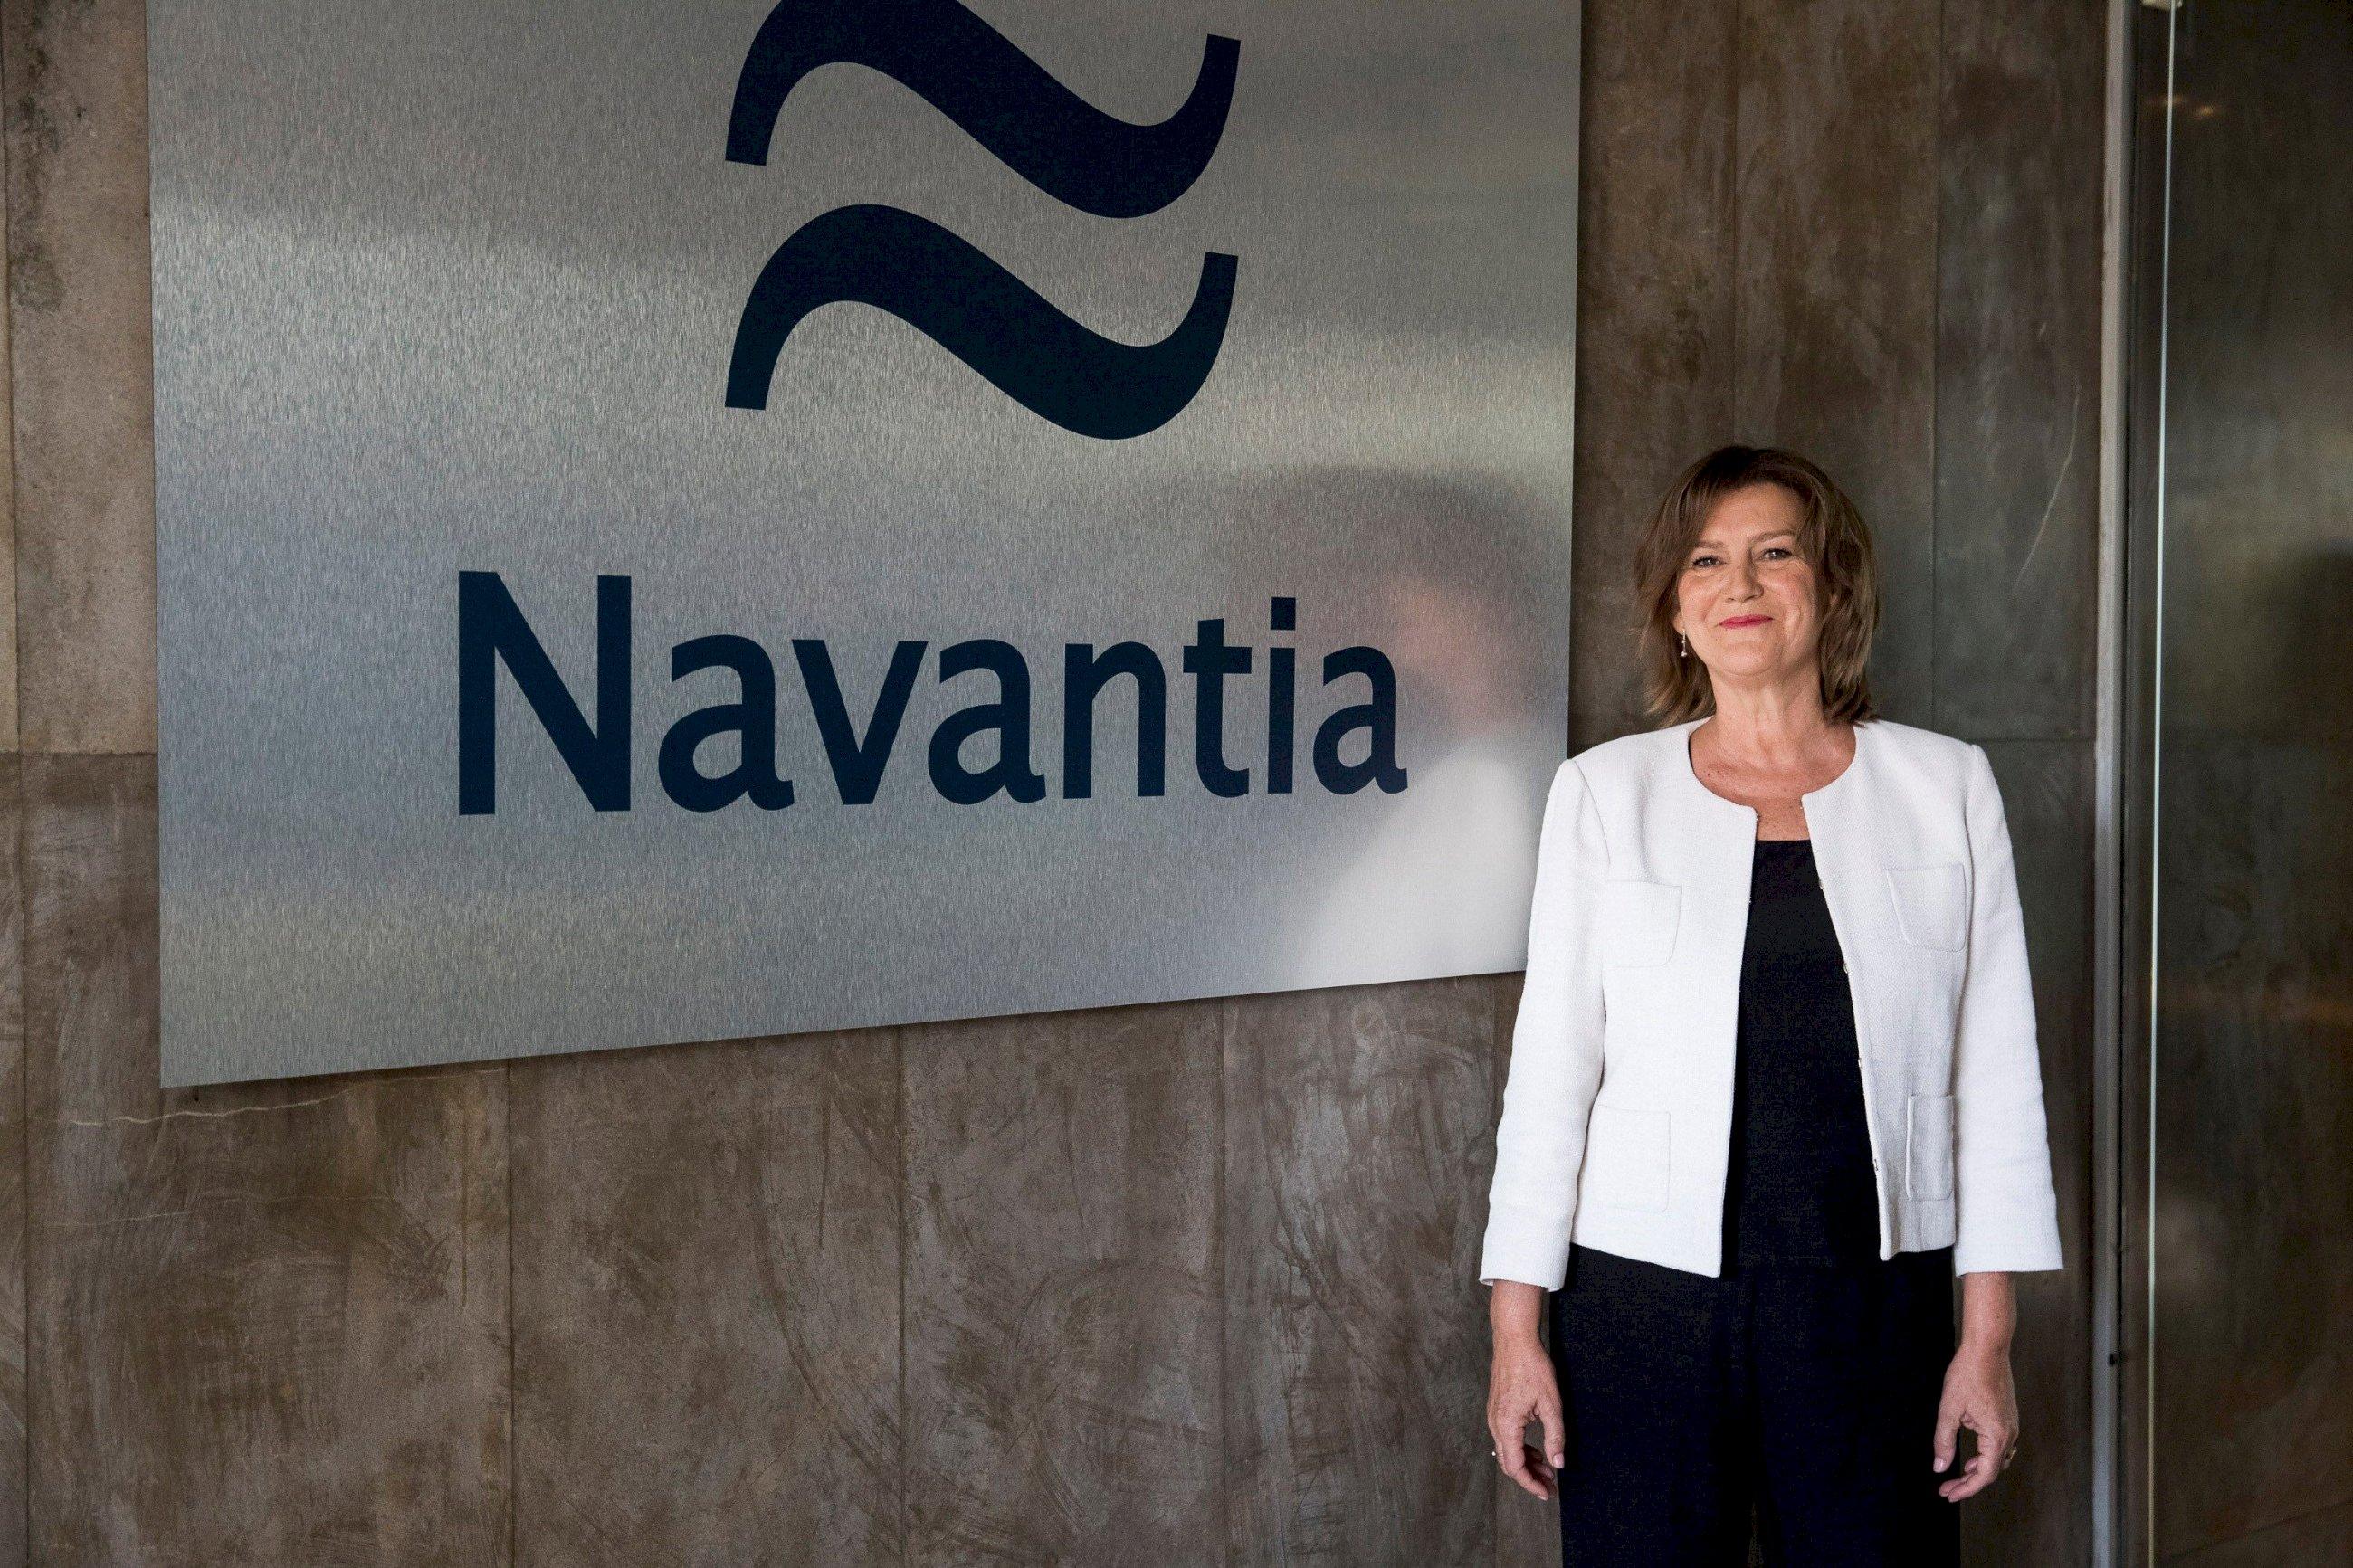 La expresidenta de Navantia cobró casi medio millón de euros por dos años en el cargo